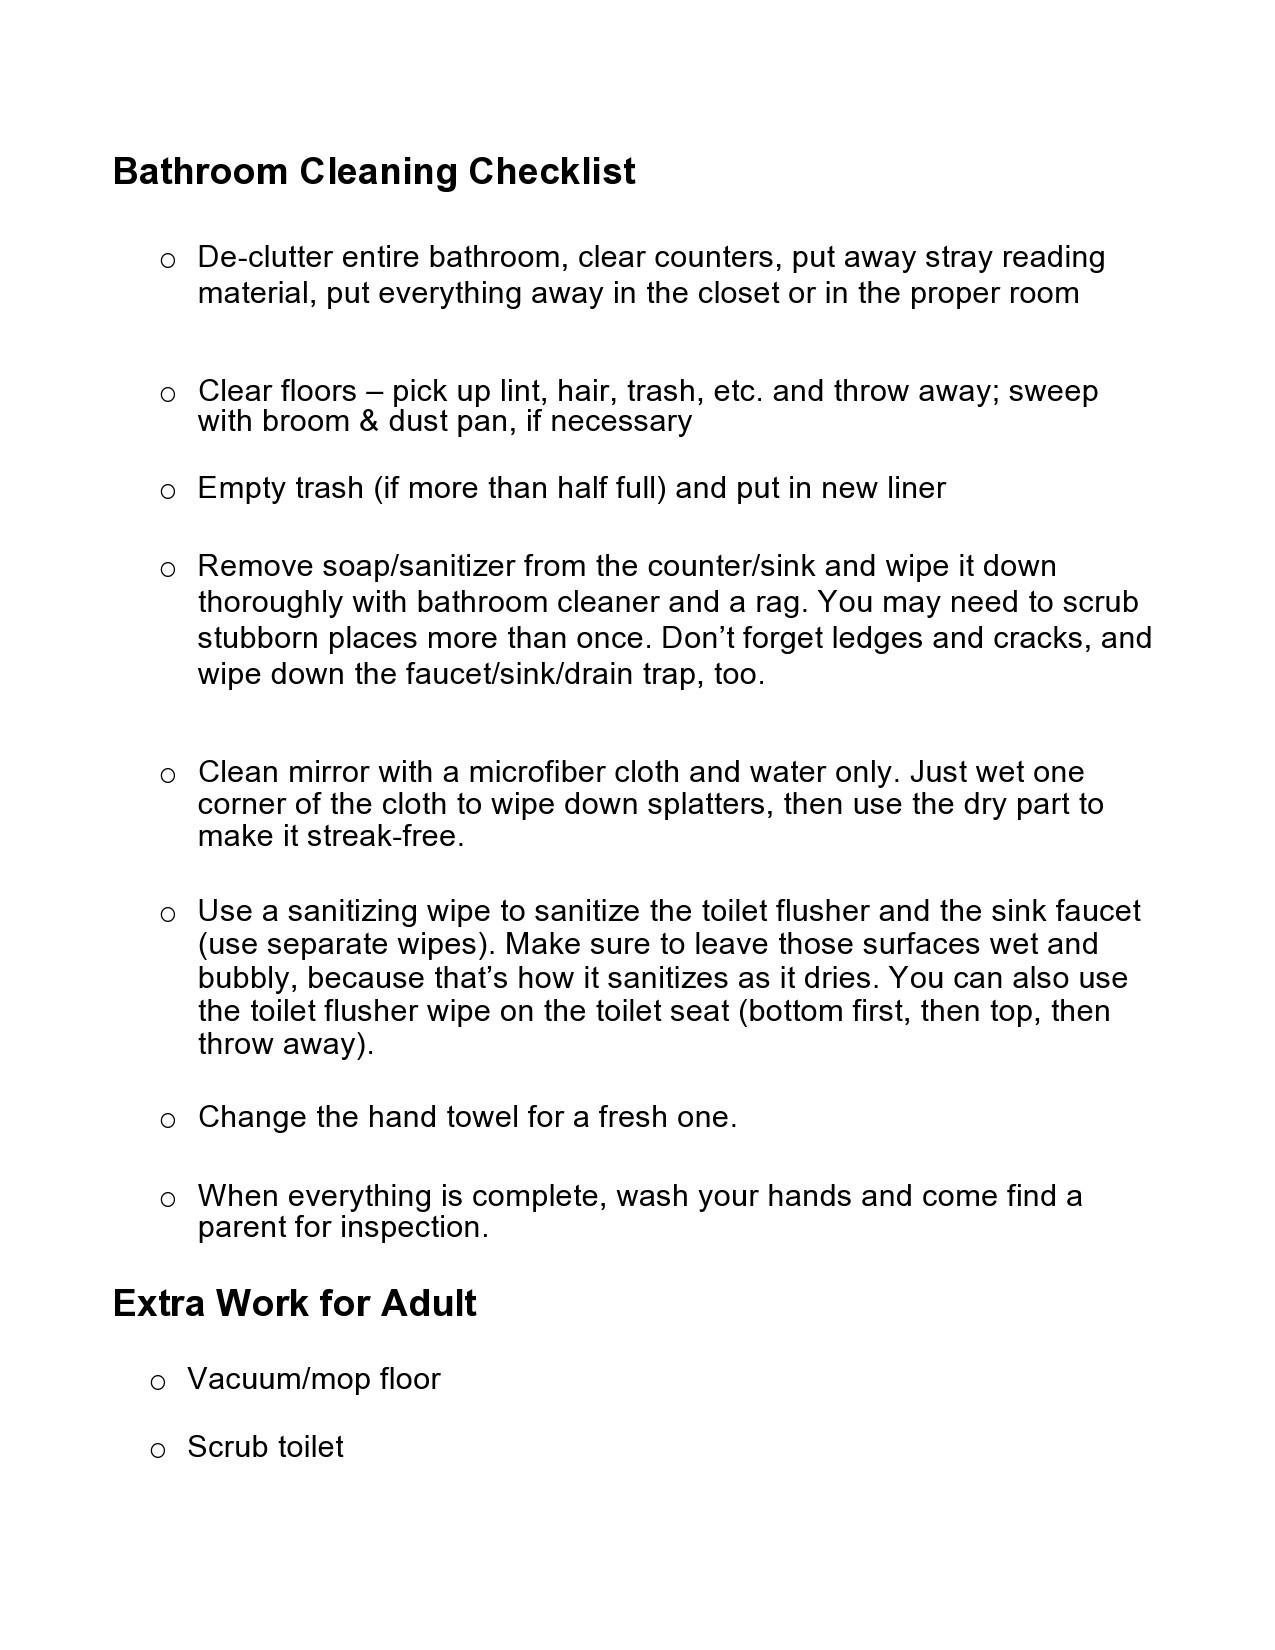 Free bathroom cleaning checklist 24